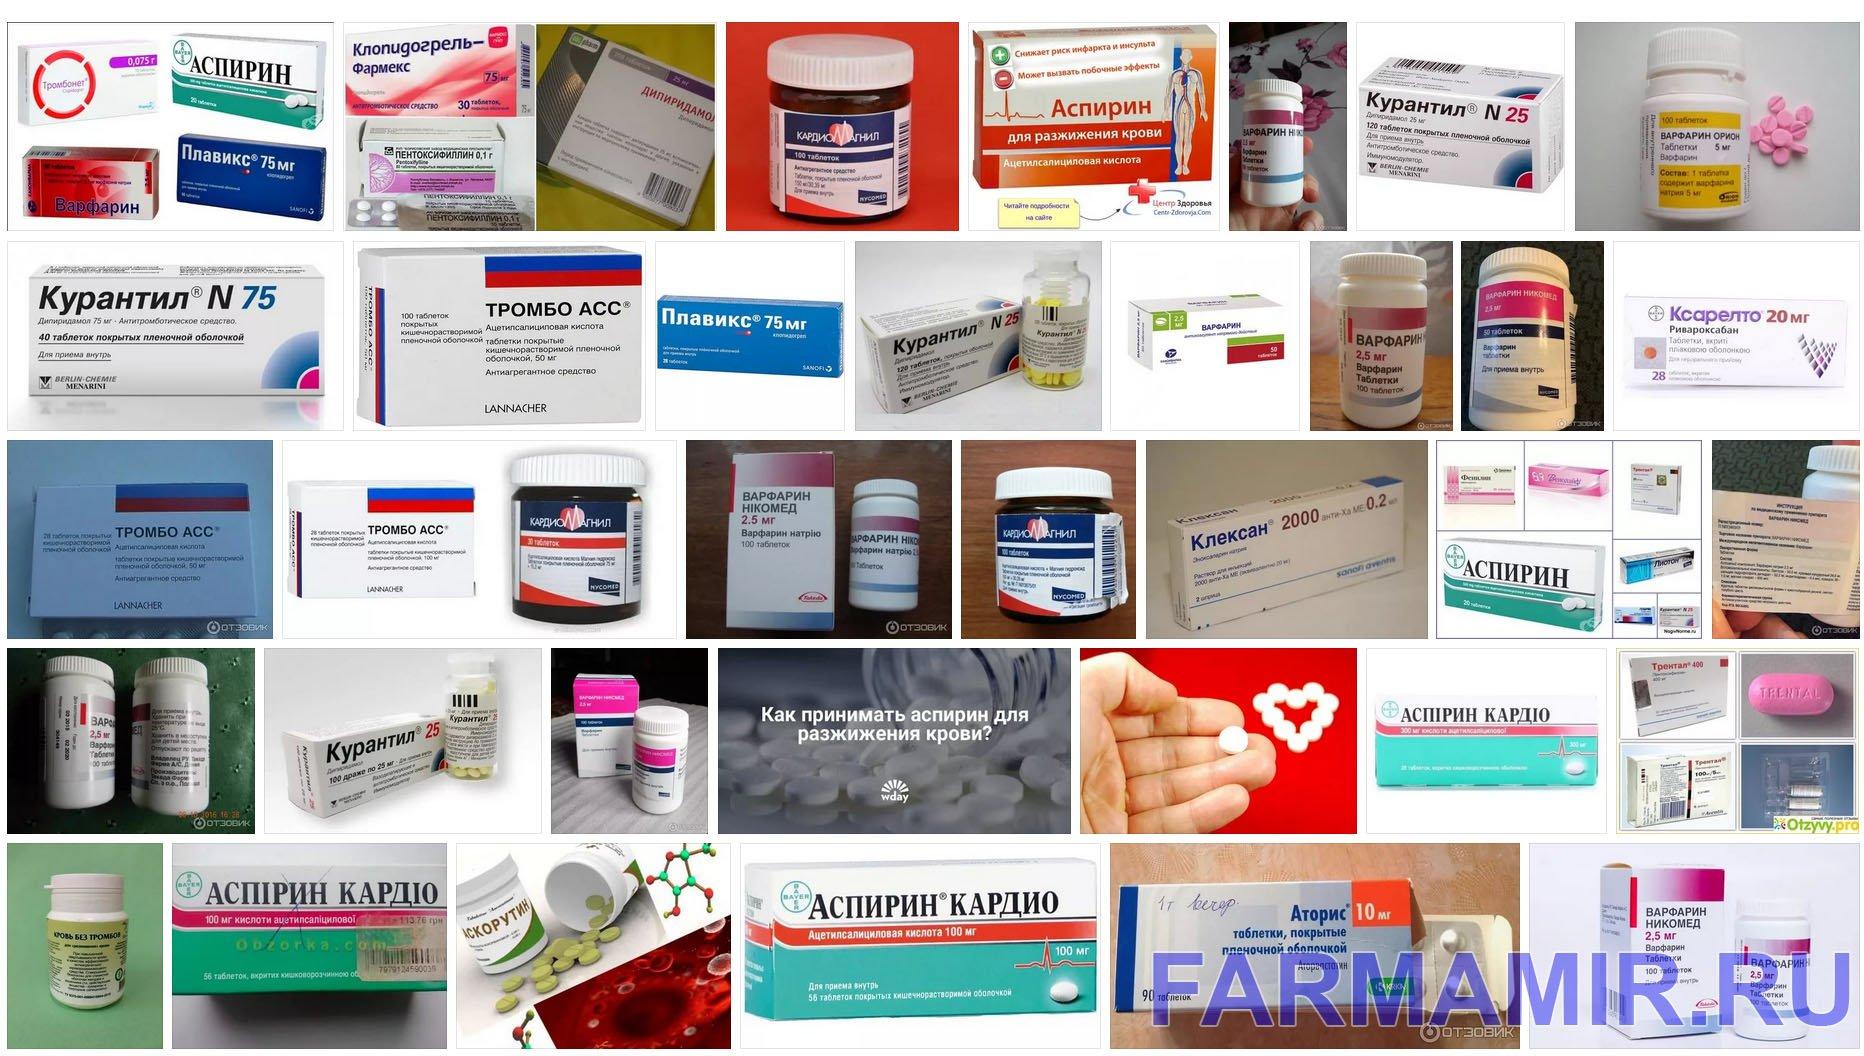 коллаж препаратов для разжижения крови